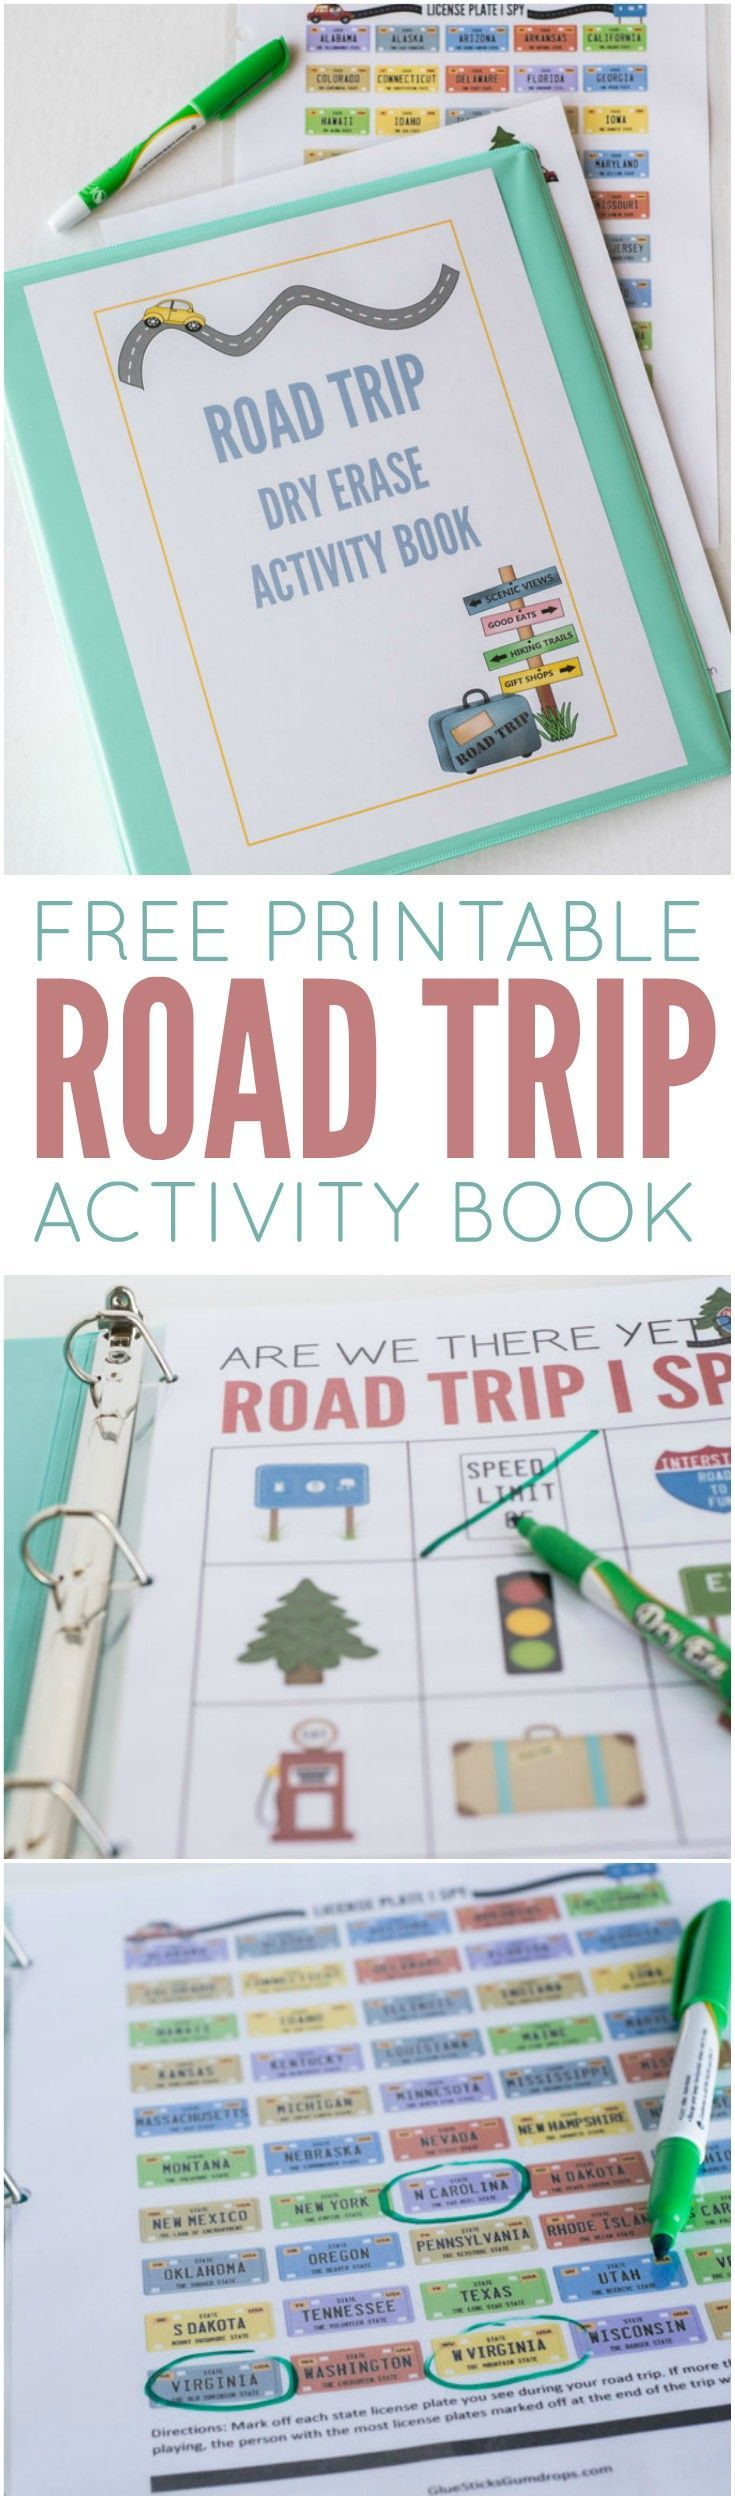 Dry Erase Road Trip Activity Book